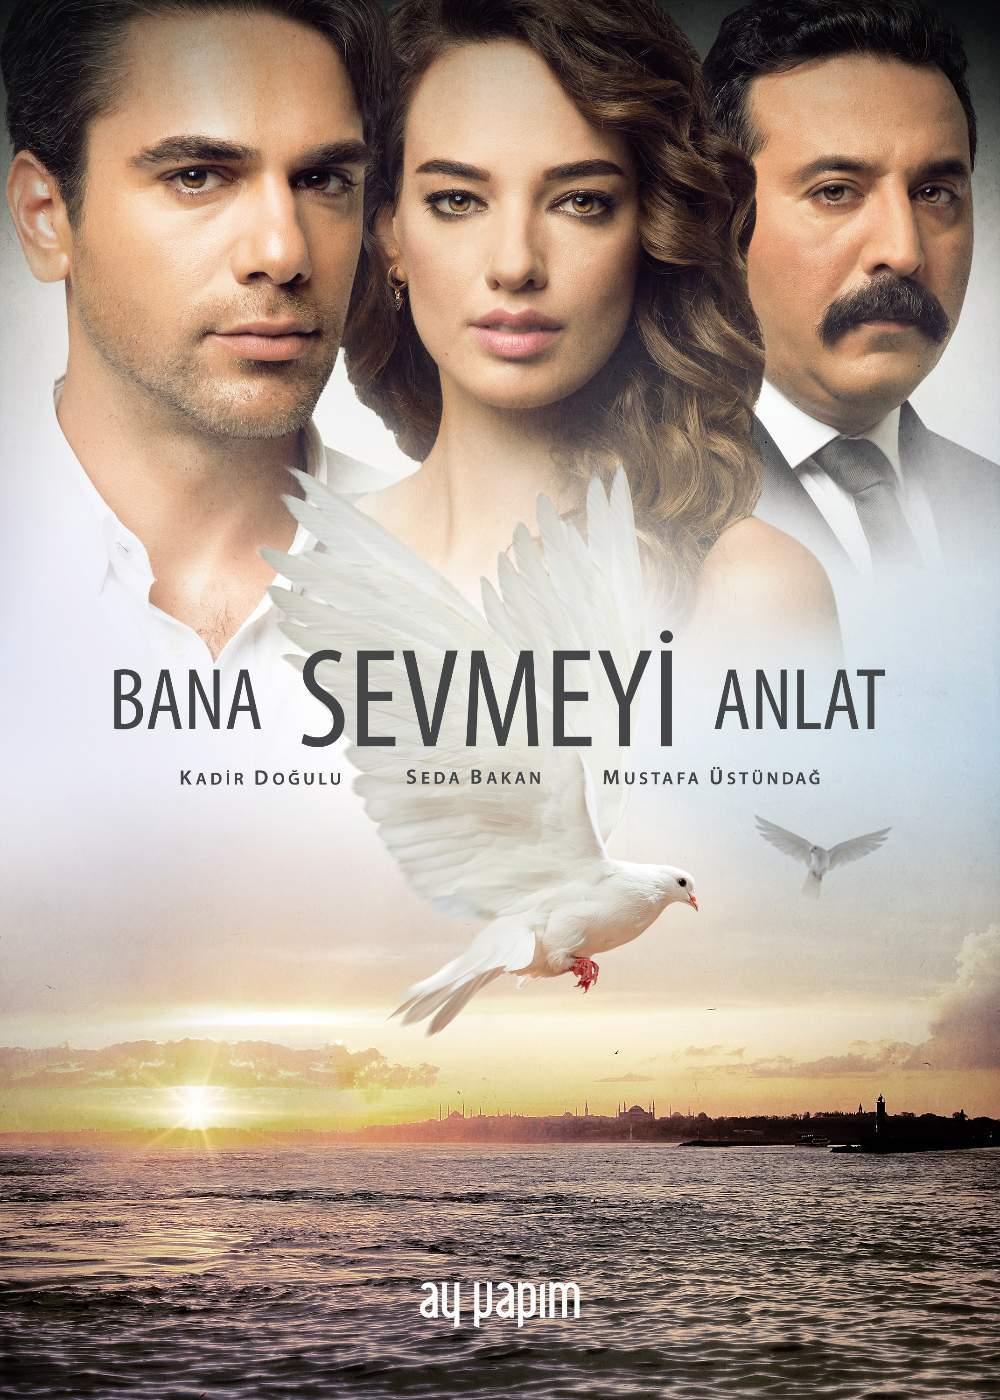 Bana Sevmeyi Anlat مسلسل علمني كيف أحب 1 التركي مترجم + تقرير